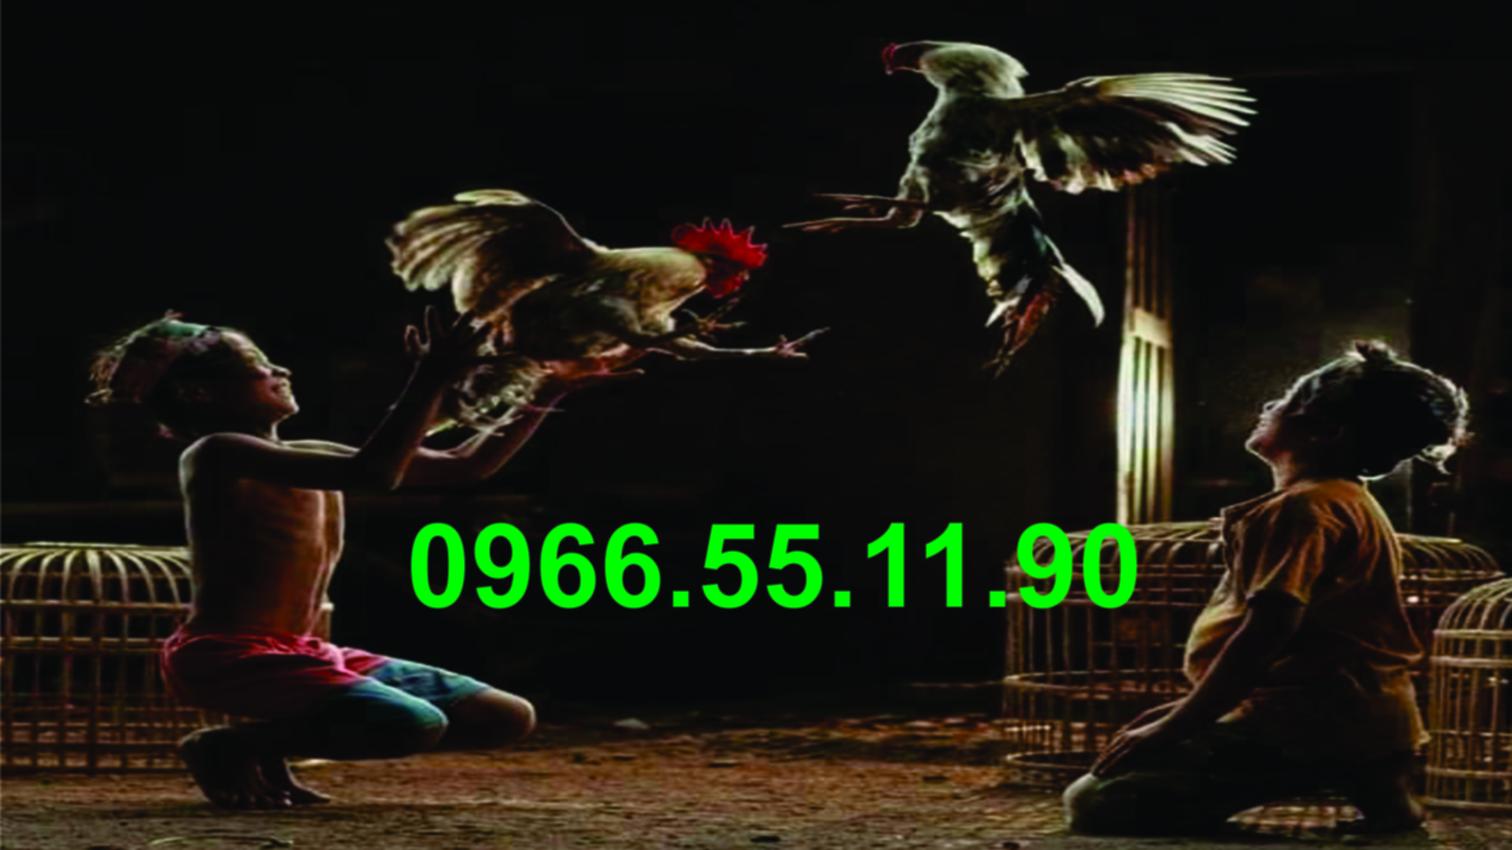 Lên Cặp Gà Lông A/e LH : 0966.55.11.90